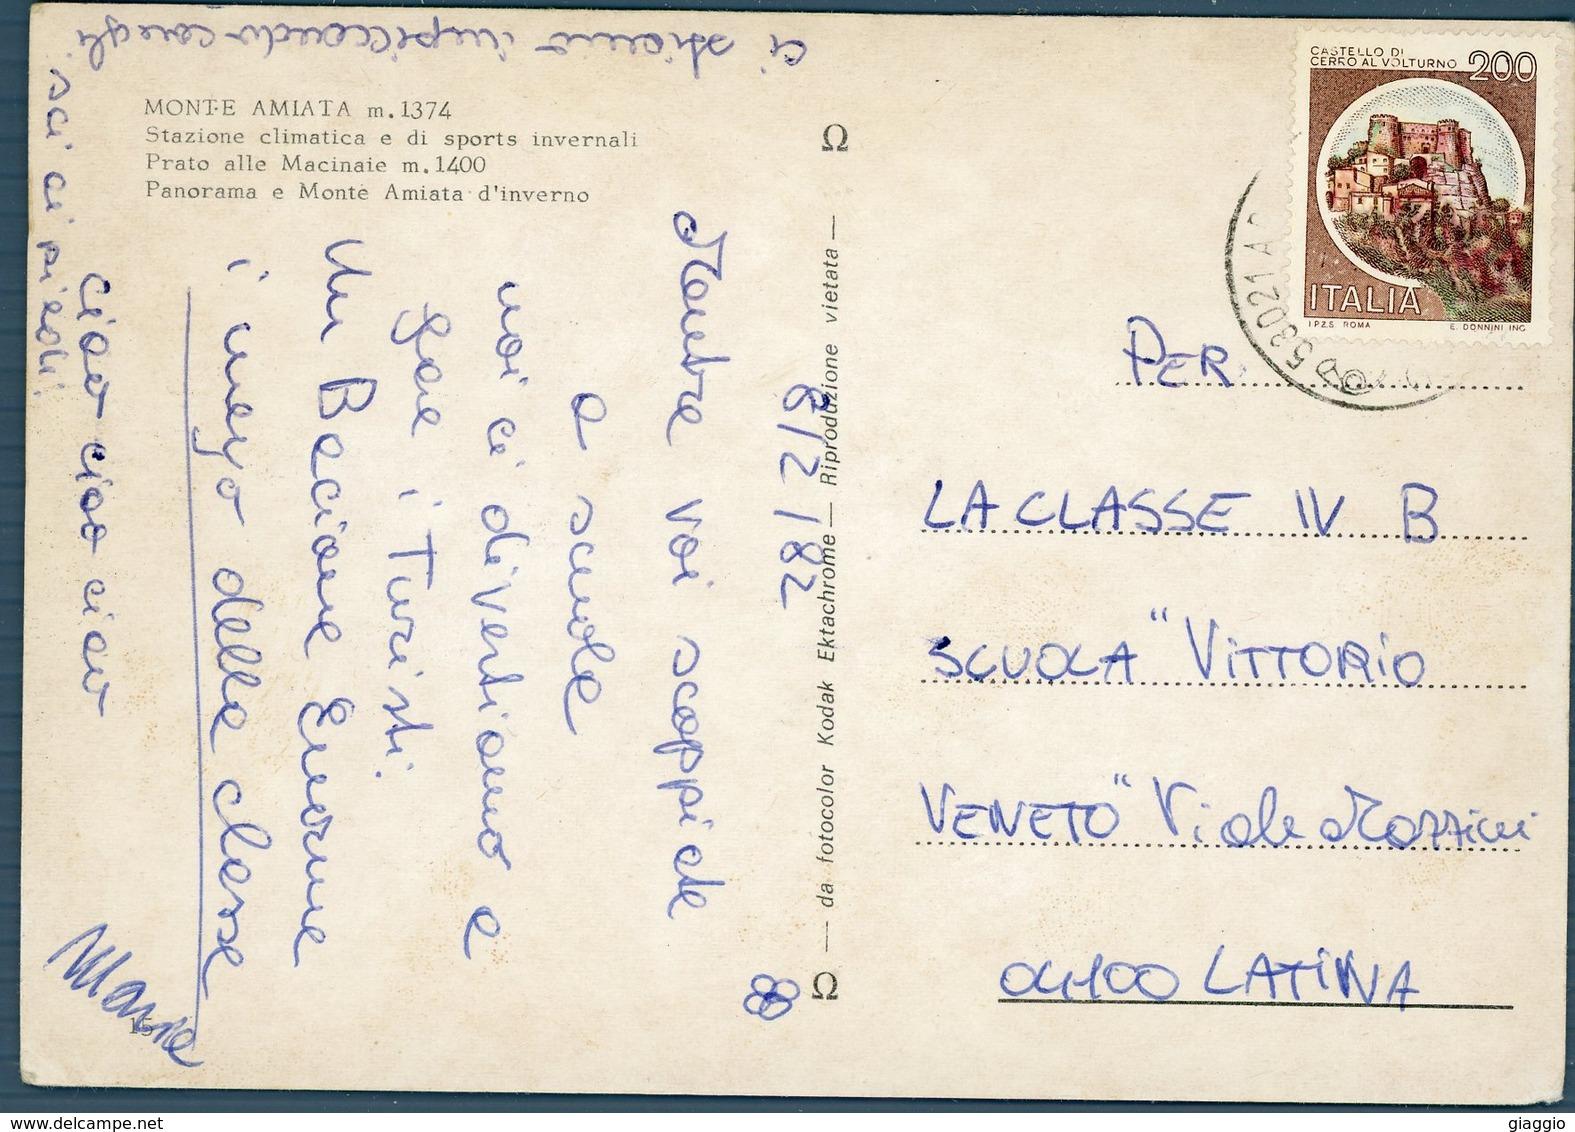 °°° Cartolina N. 4 Monte Amiata Stazione Climatica Viaggiata °°° - Rieti